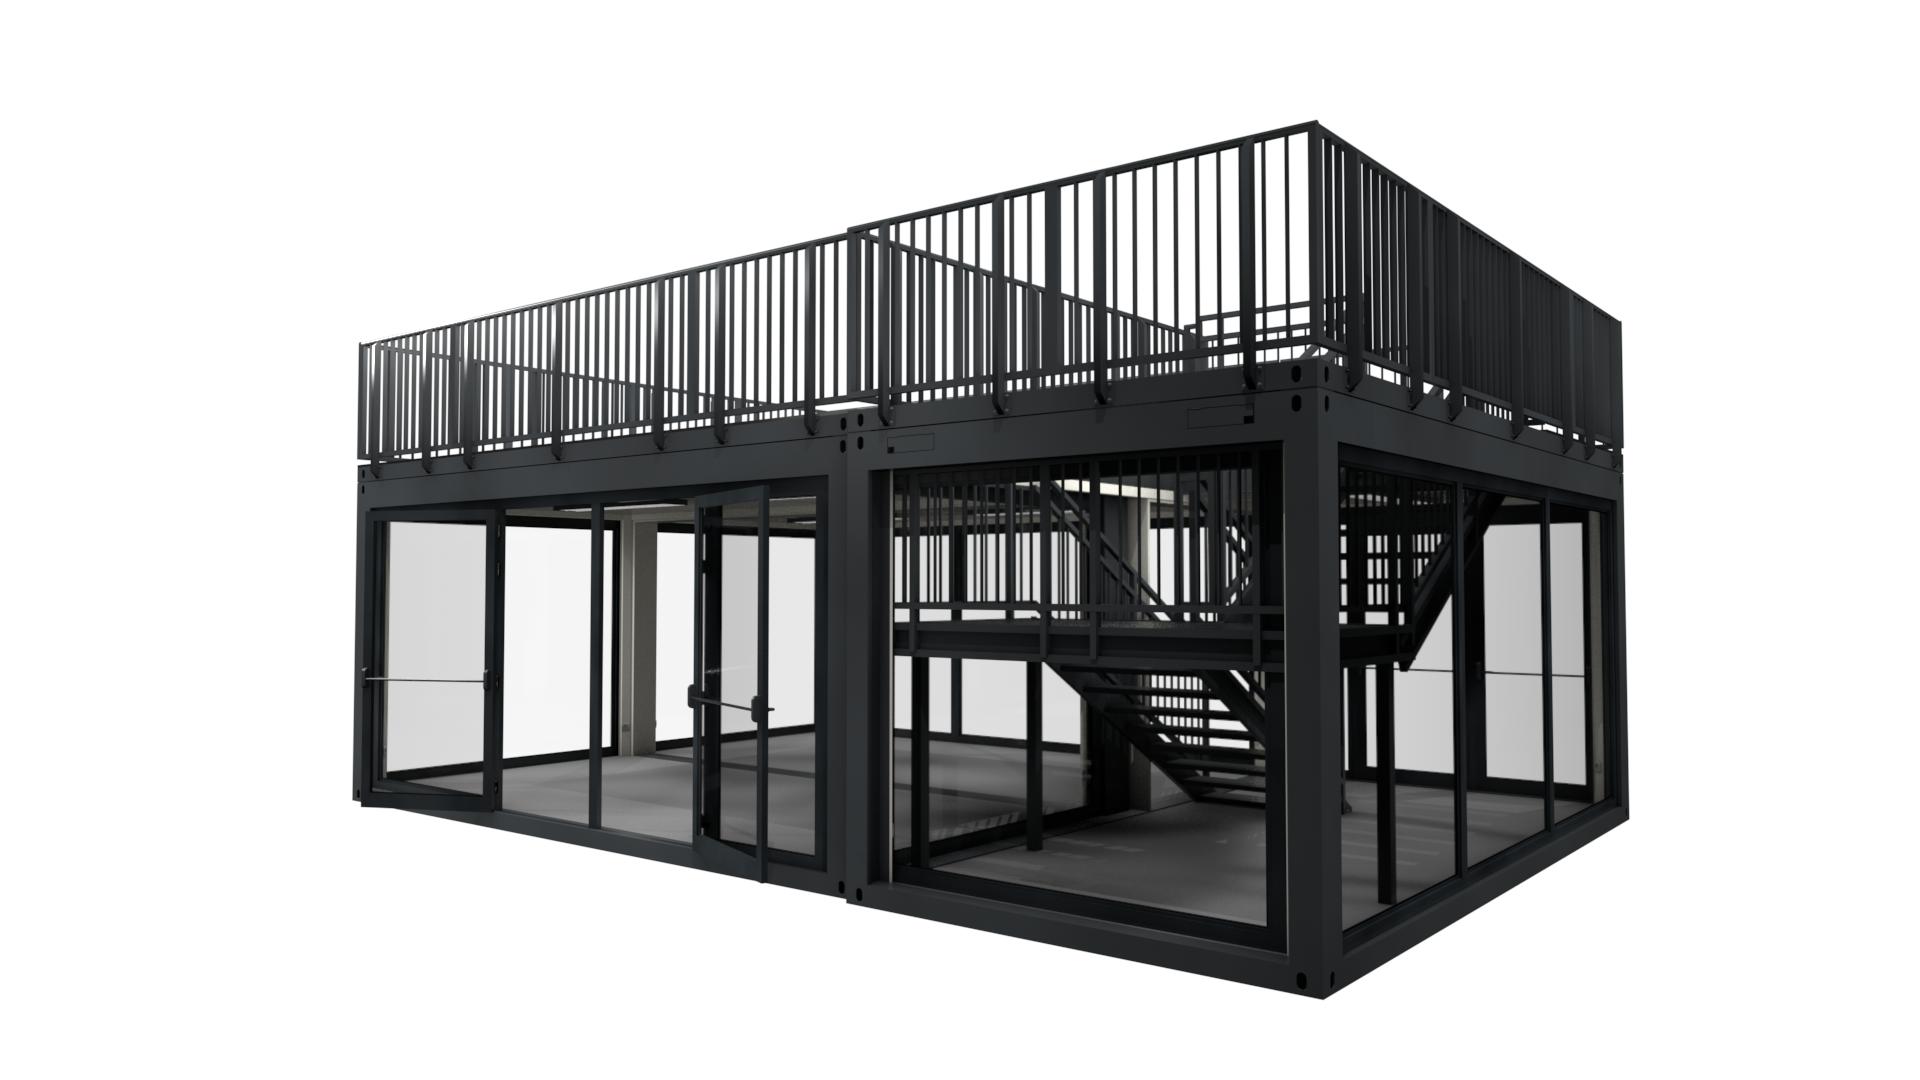 Premium Container M 24 - Ansicht 1